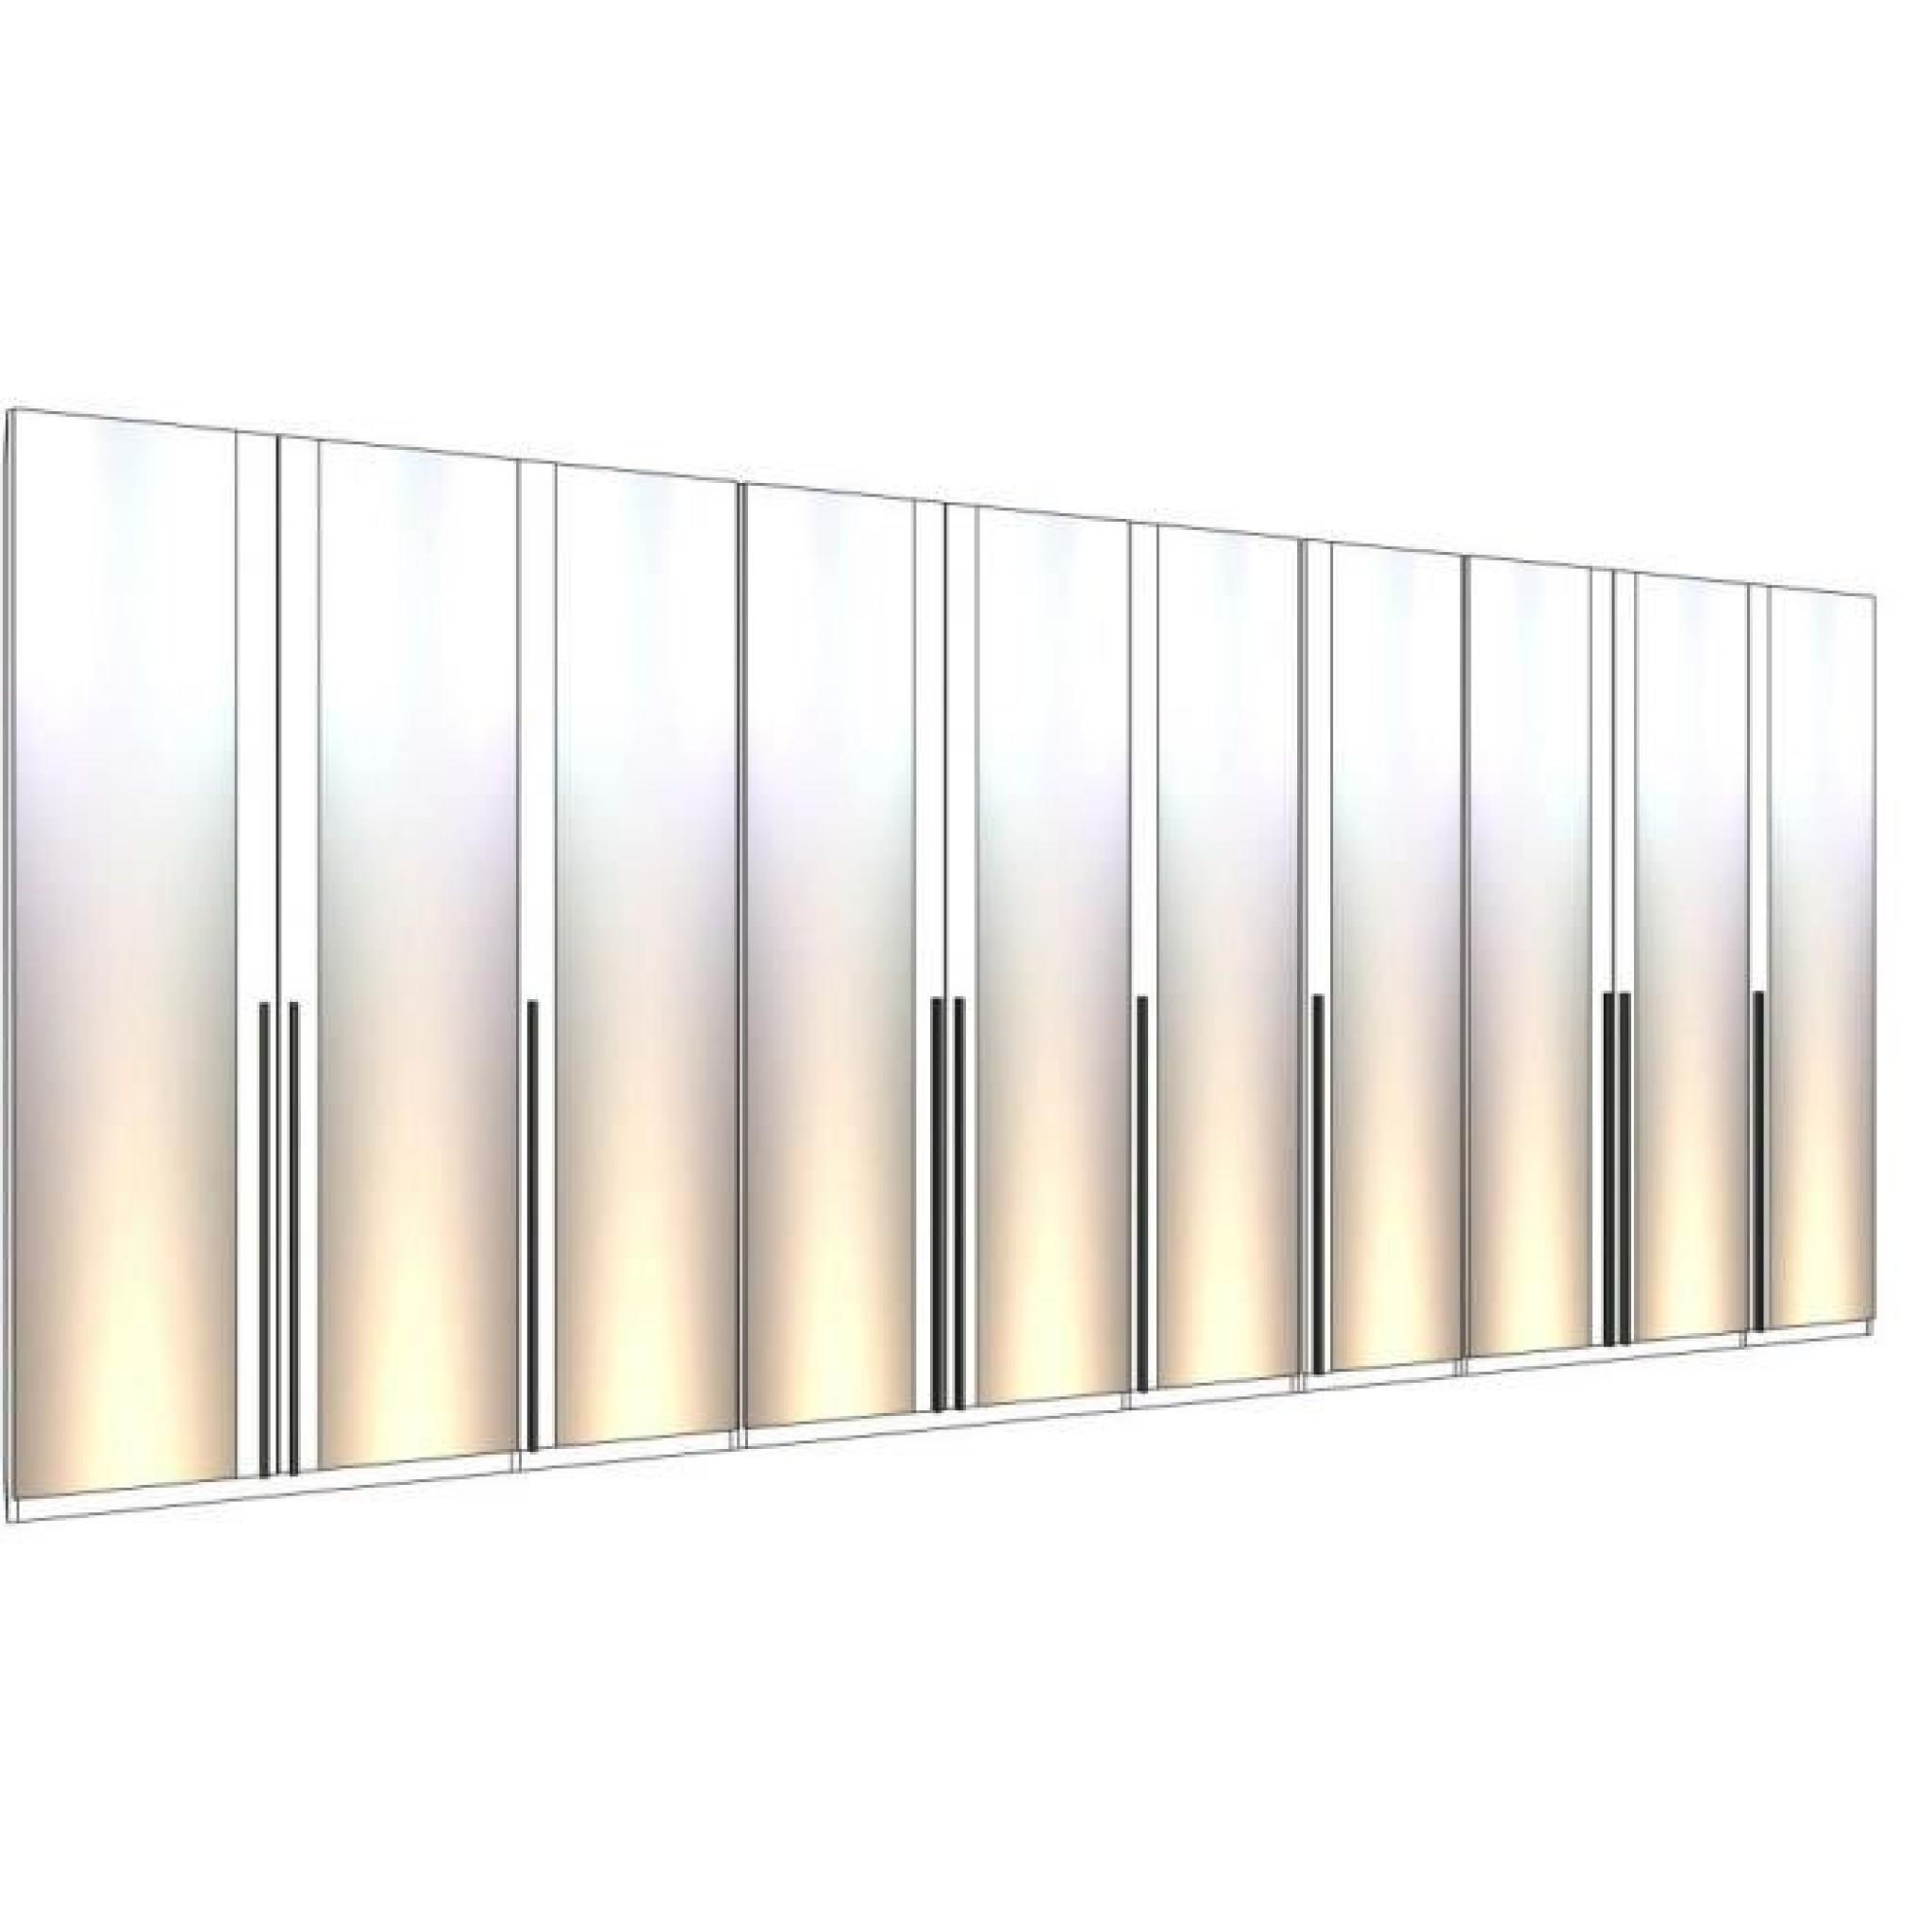 dressing mural solano l 502 x h 240 cm p miroirs achat vente dressing pas cher couleur et. Black Bedroom Furniture Sets. Home Design Ideas